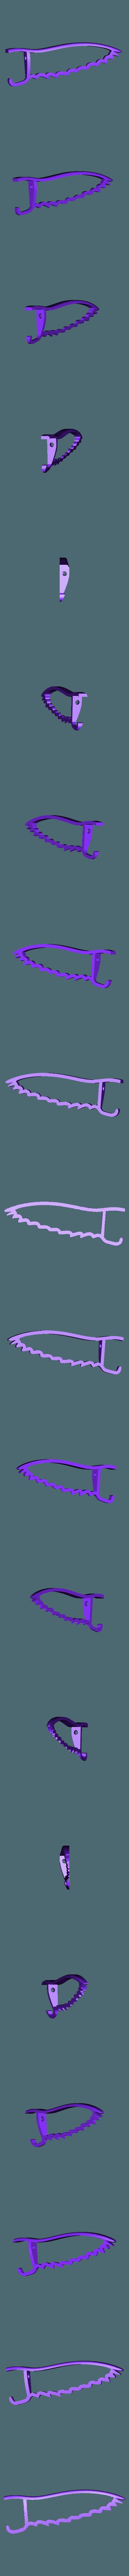 Wing_Right.stl Download free STL file Hummingbird • 3D printing model, gzumwalt